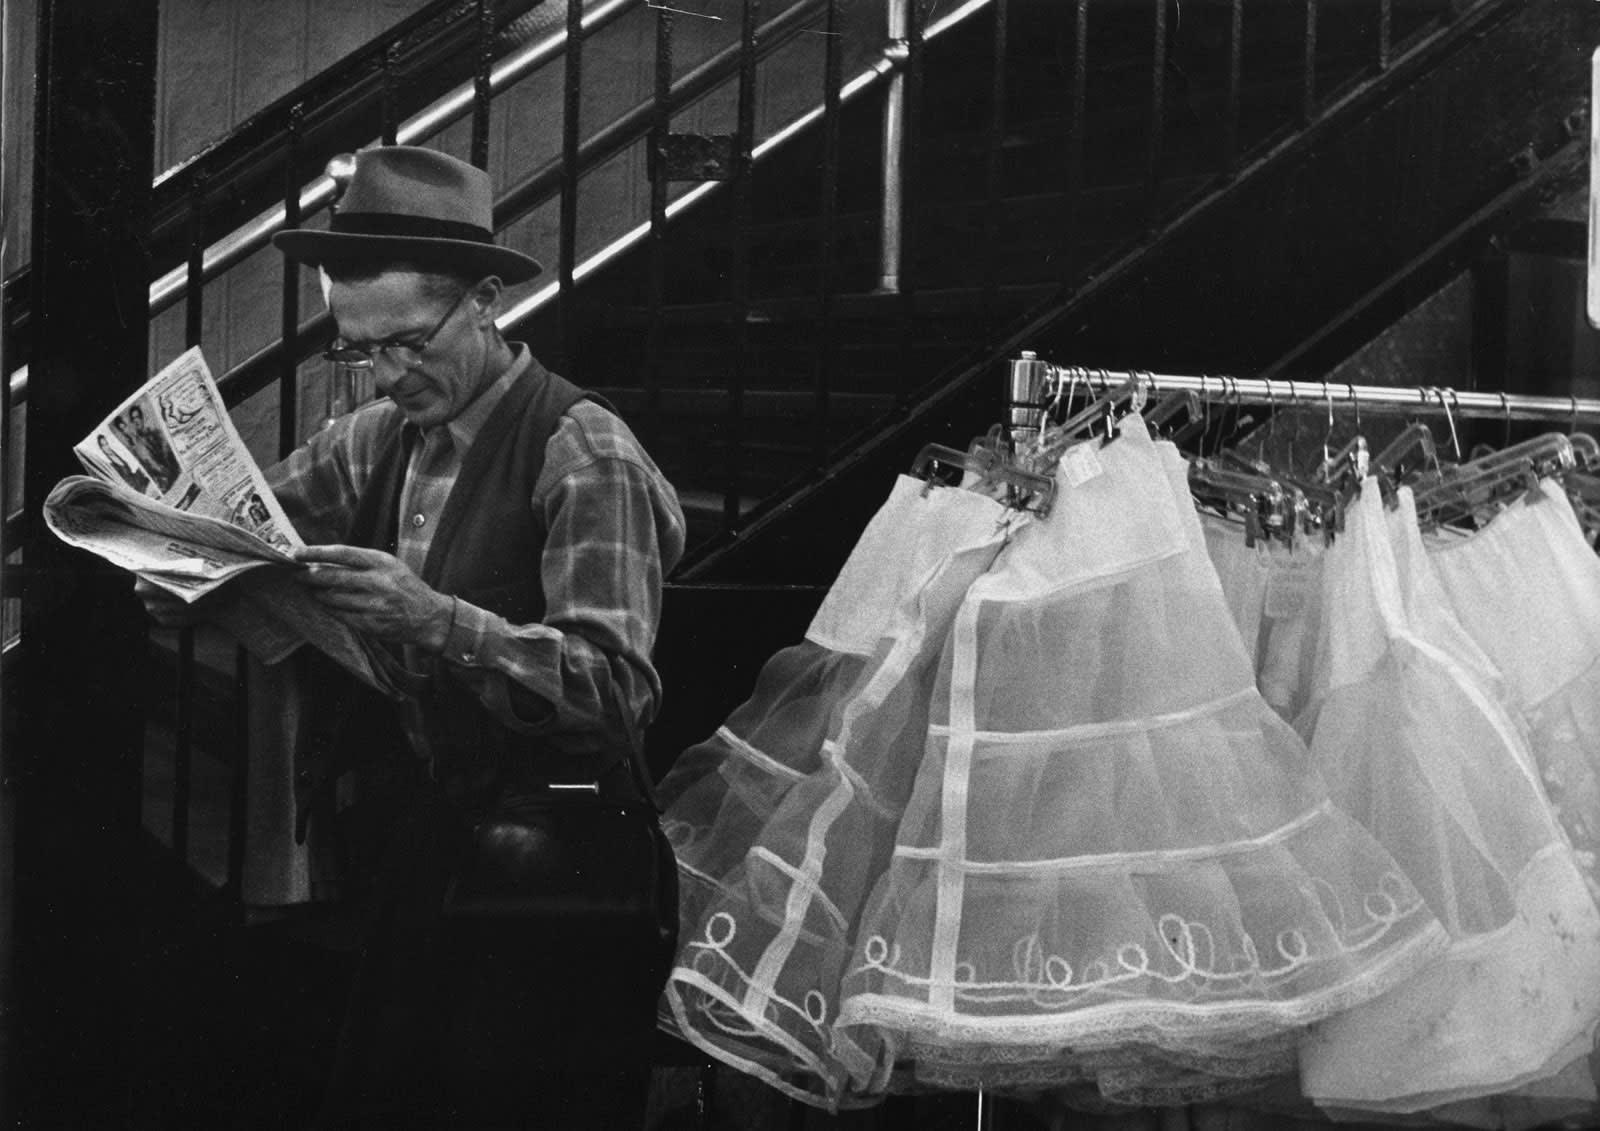 Sabine Weiss New York Tirage gélatino-argentique d'époque réalisé par l'artiste 22,5 x 29 cm Dim. papier: 22,5 x 29 cm